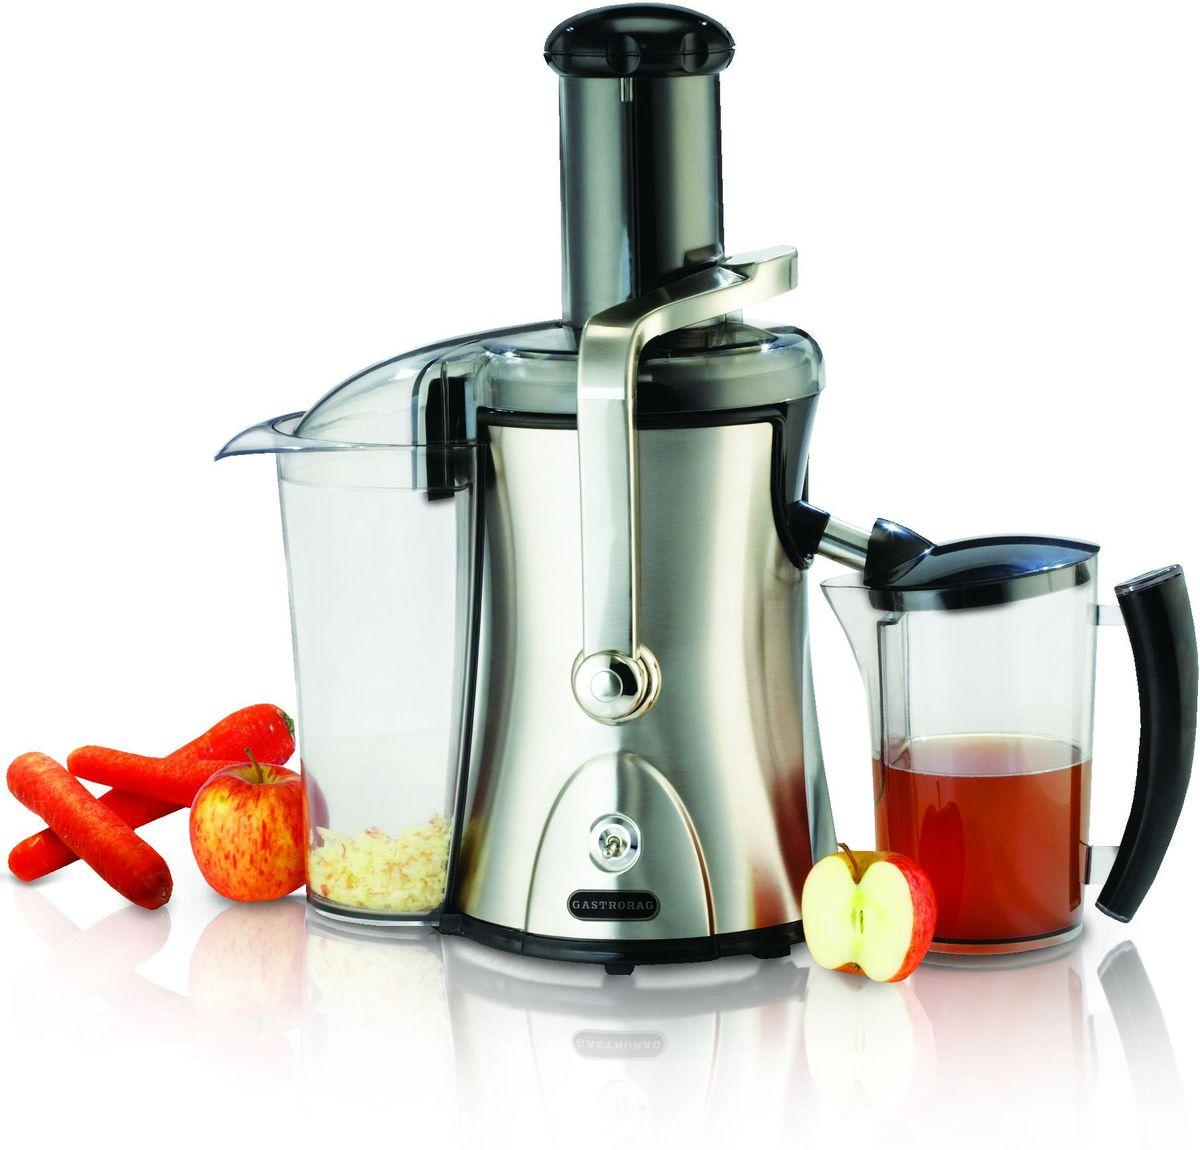 GASTRORAG HA-007, Silver соковыжималкаHA-007Тип прибора: для фруктов и овощей Высота (см): 46 Ширина (см): 32 Глубина (см): 23Центробежная. 2 скорости (7500/11000 об./мин). Автоматическое отделение отходов. Контейнер для отходов емкостью 2,2 л. Контейнер для сока емкостью 1,5 л. Нерж.сталь/пластмасса. Вес: 4 кг.